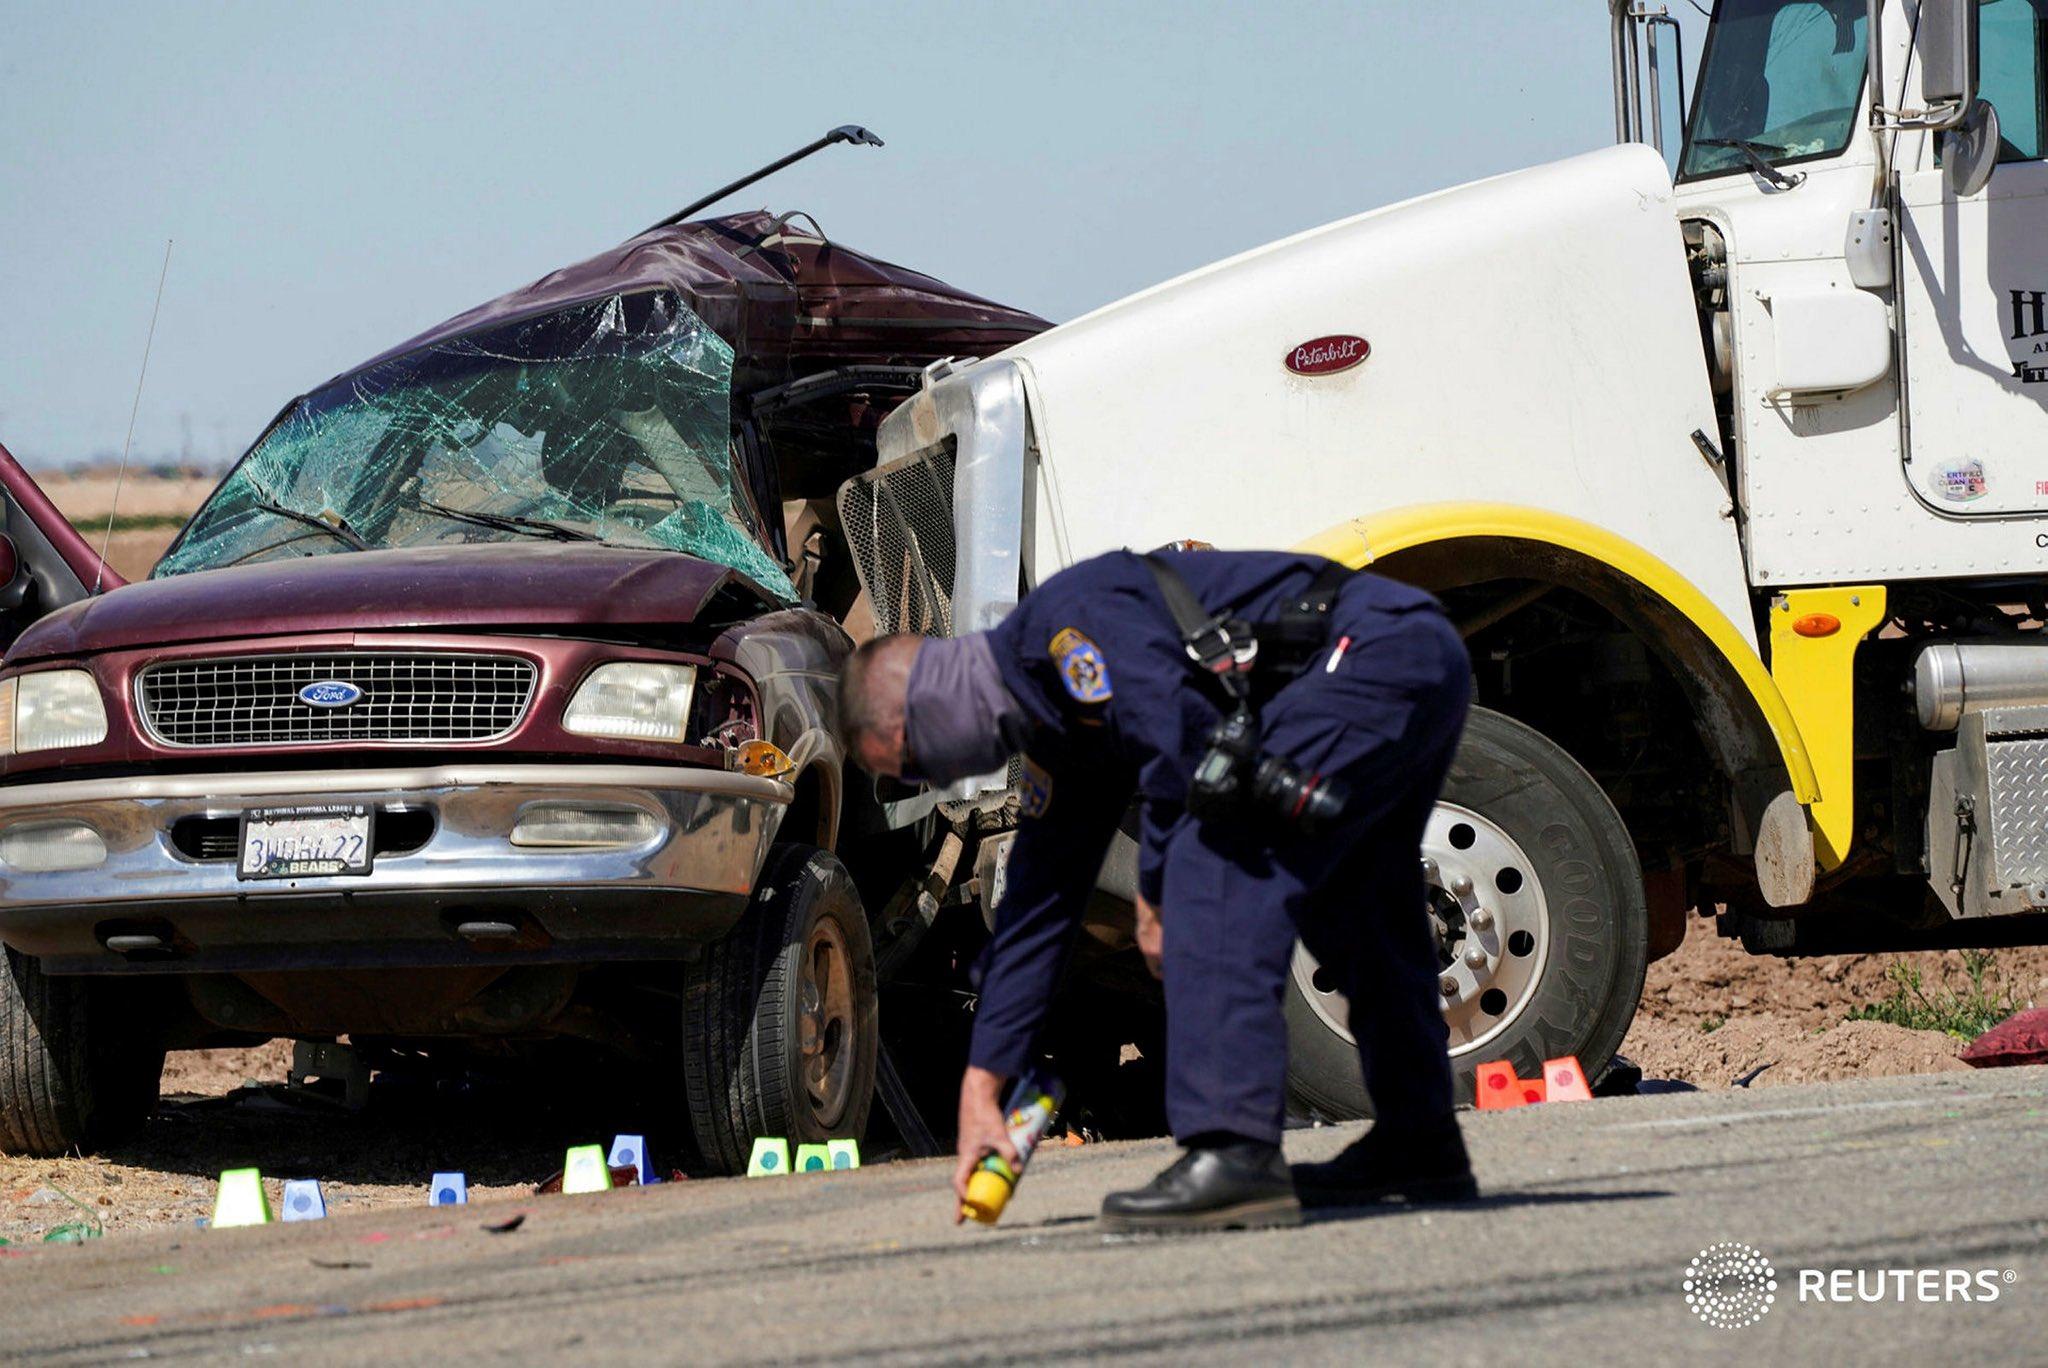 Accidente California, camioneta